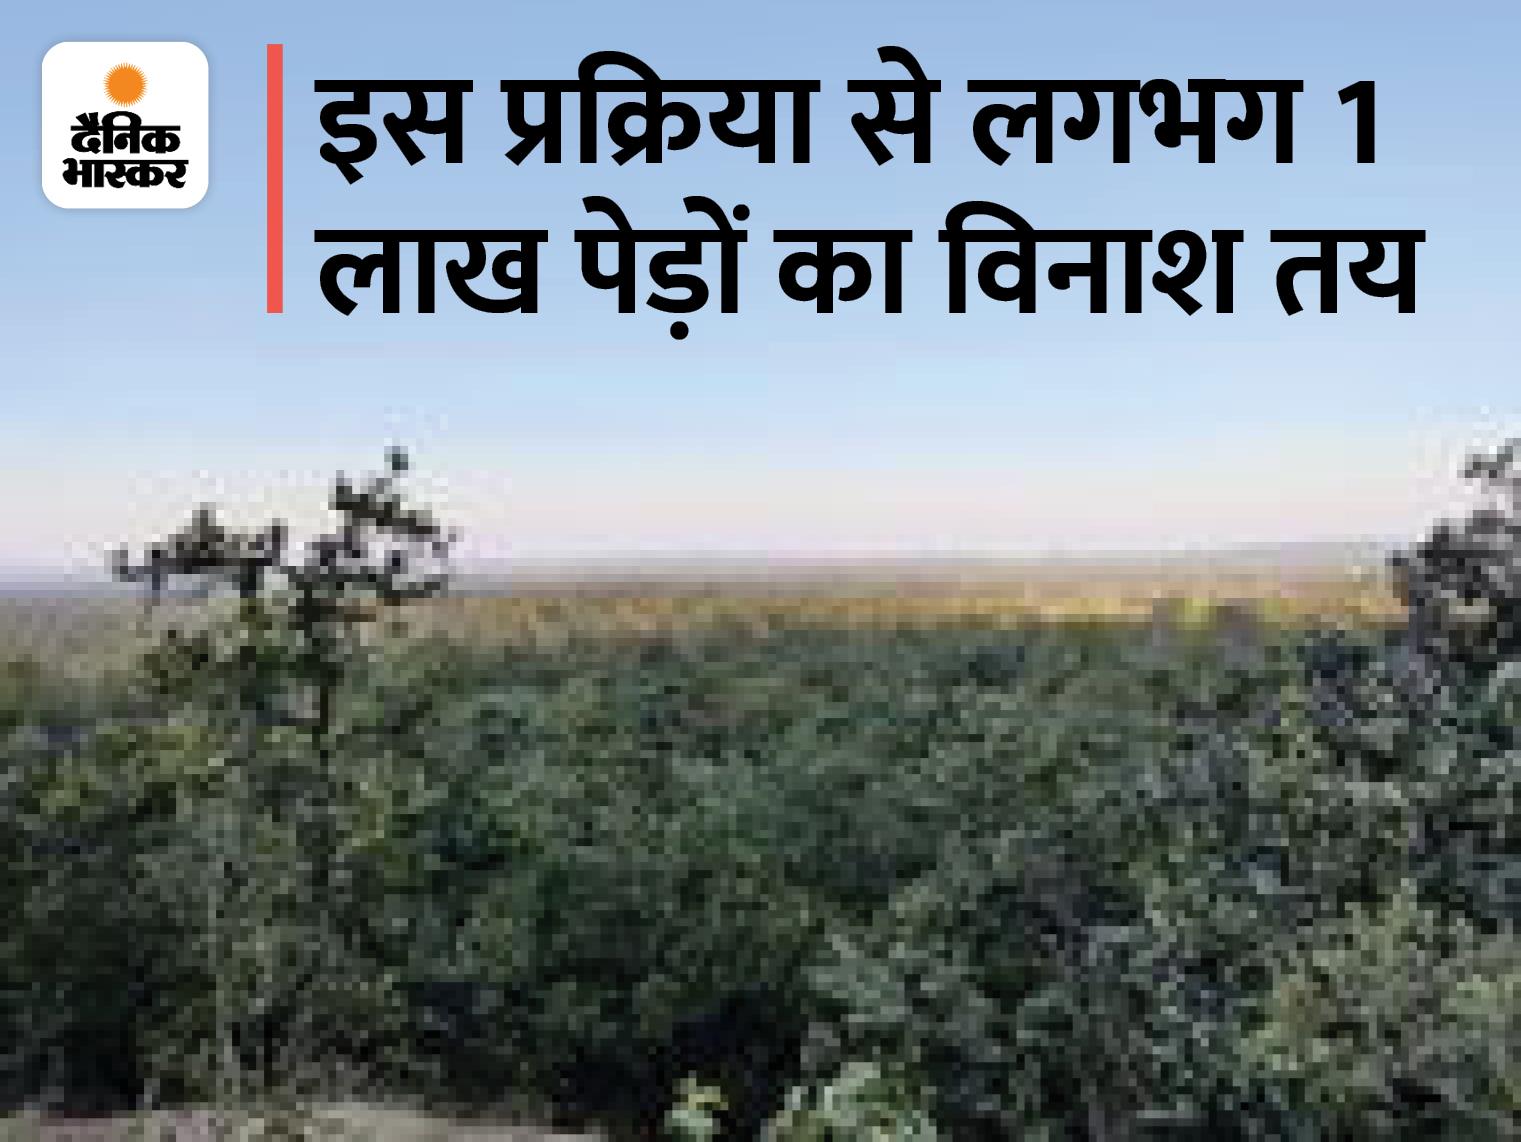 जिसे बचाने आदिवासी 300 किमी पैदल चलकर राजभवन पहुंचे, उसी जंगल को उजाड़ने का क्लीयरेंस जारी|रायपुर,Raipur - Dainik Bhaskar